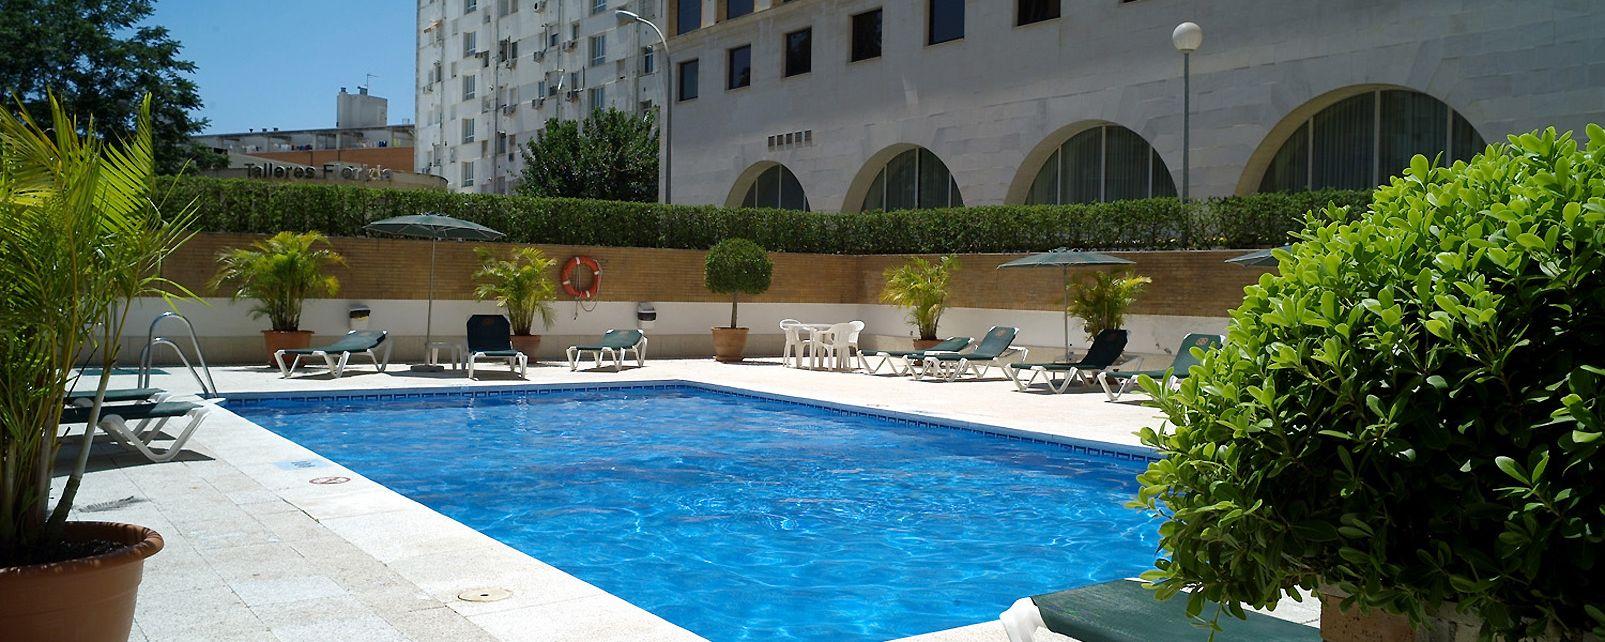 Hotel Ayre Hotel Sevillla